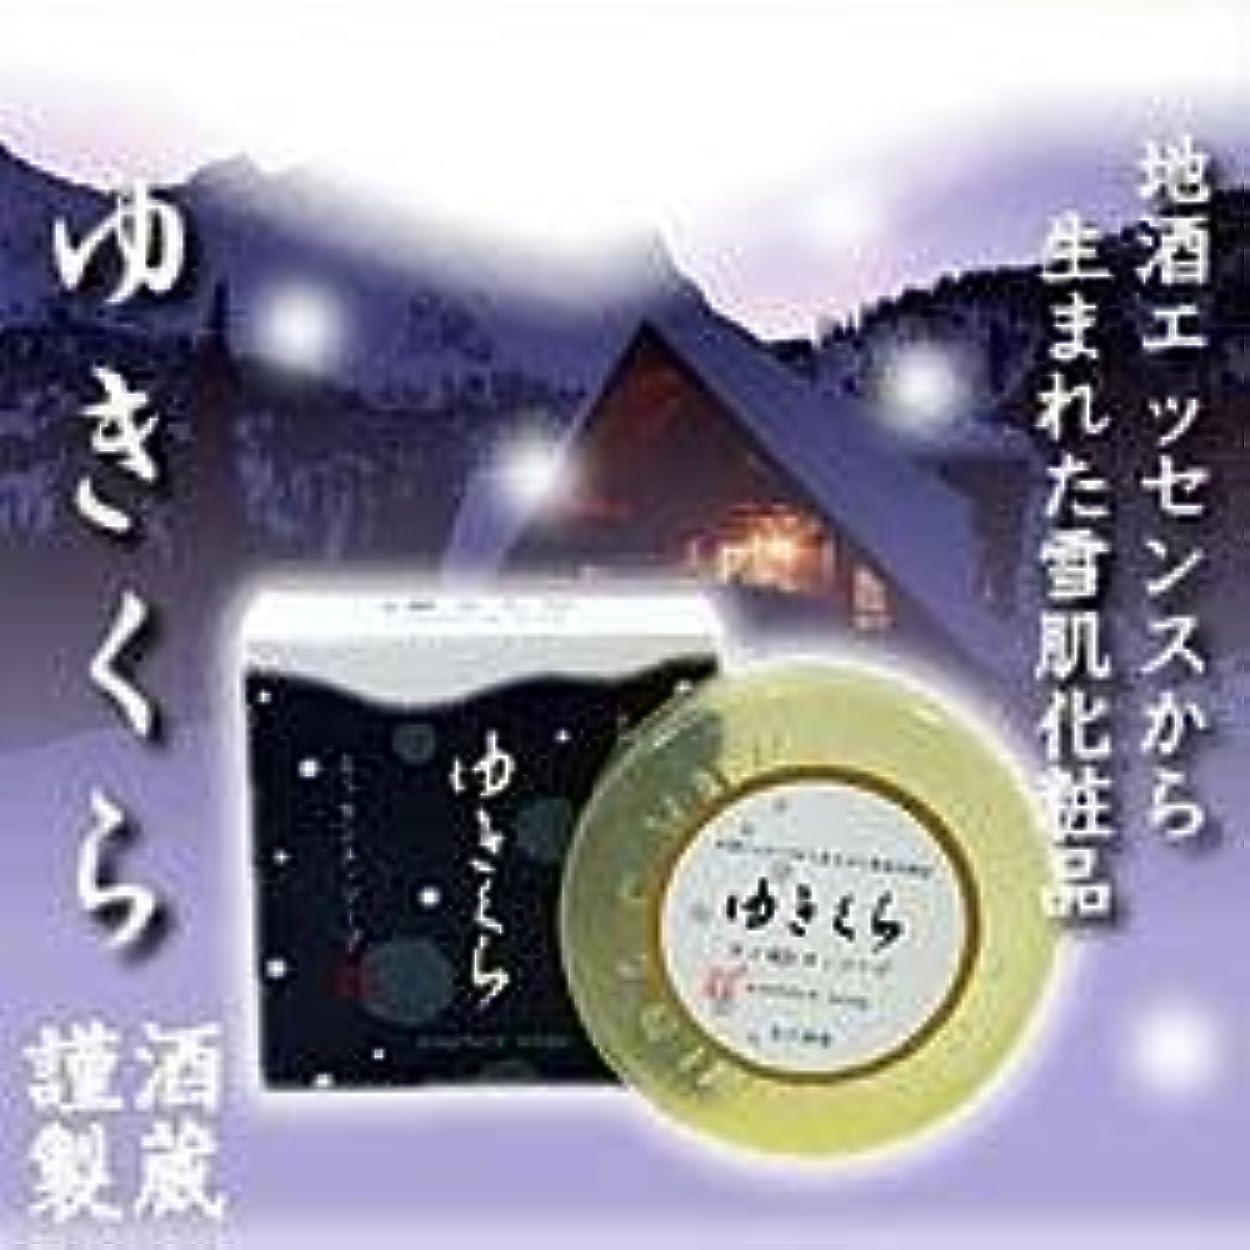 安心偽物インスタンスゆきくら透明石鹸 エッセンスソープ90g